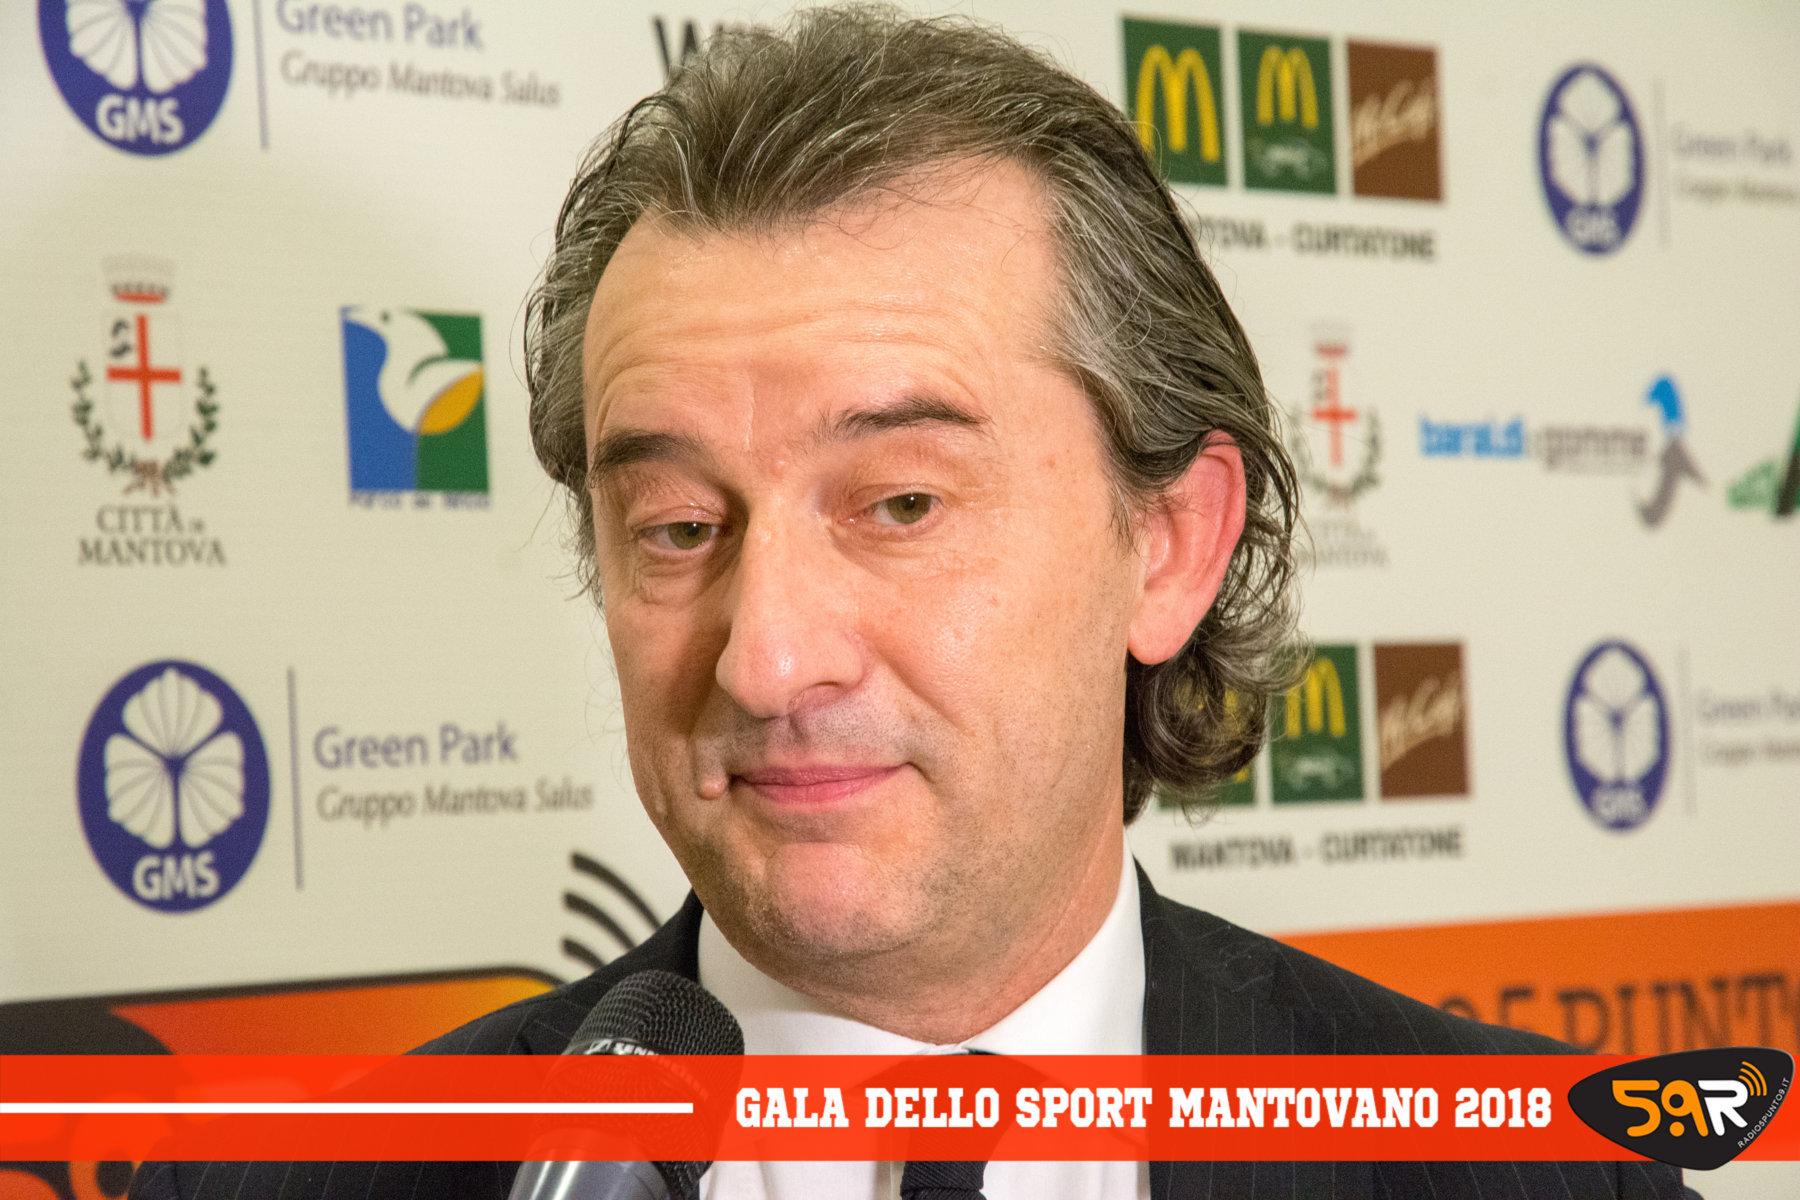 Gala dello Sport Mantovano 2018 Web Radio 5 (43)